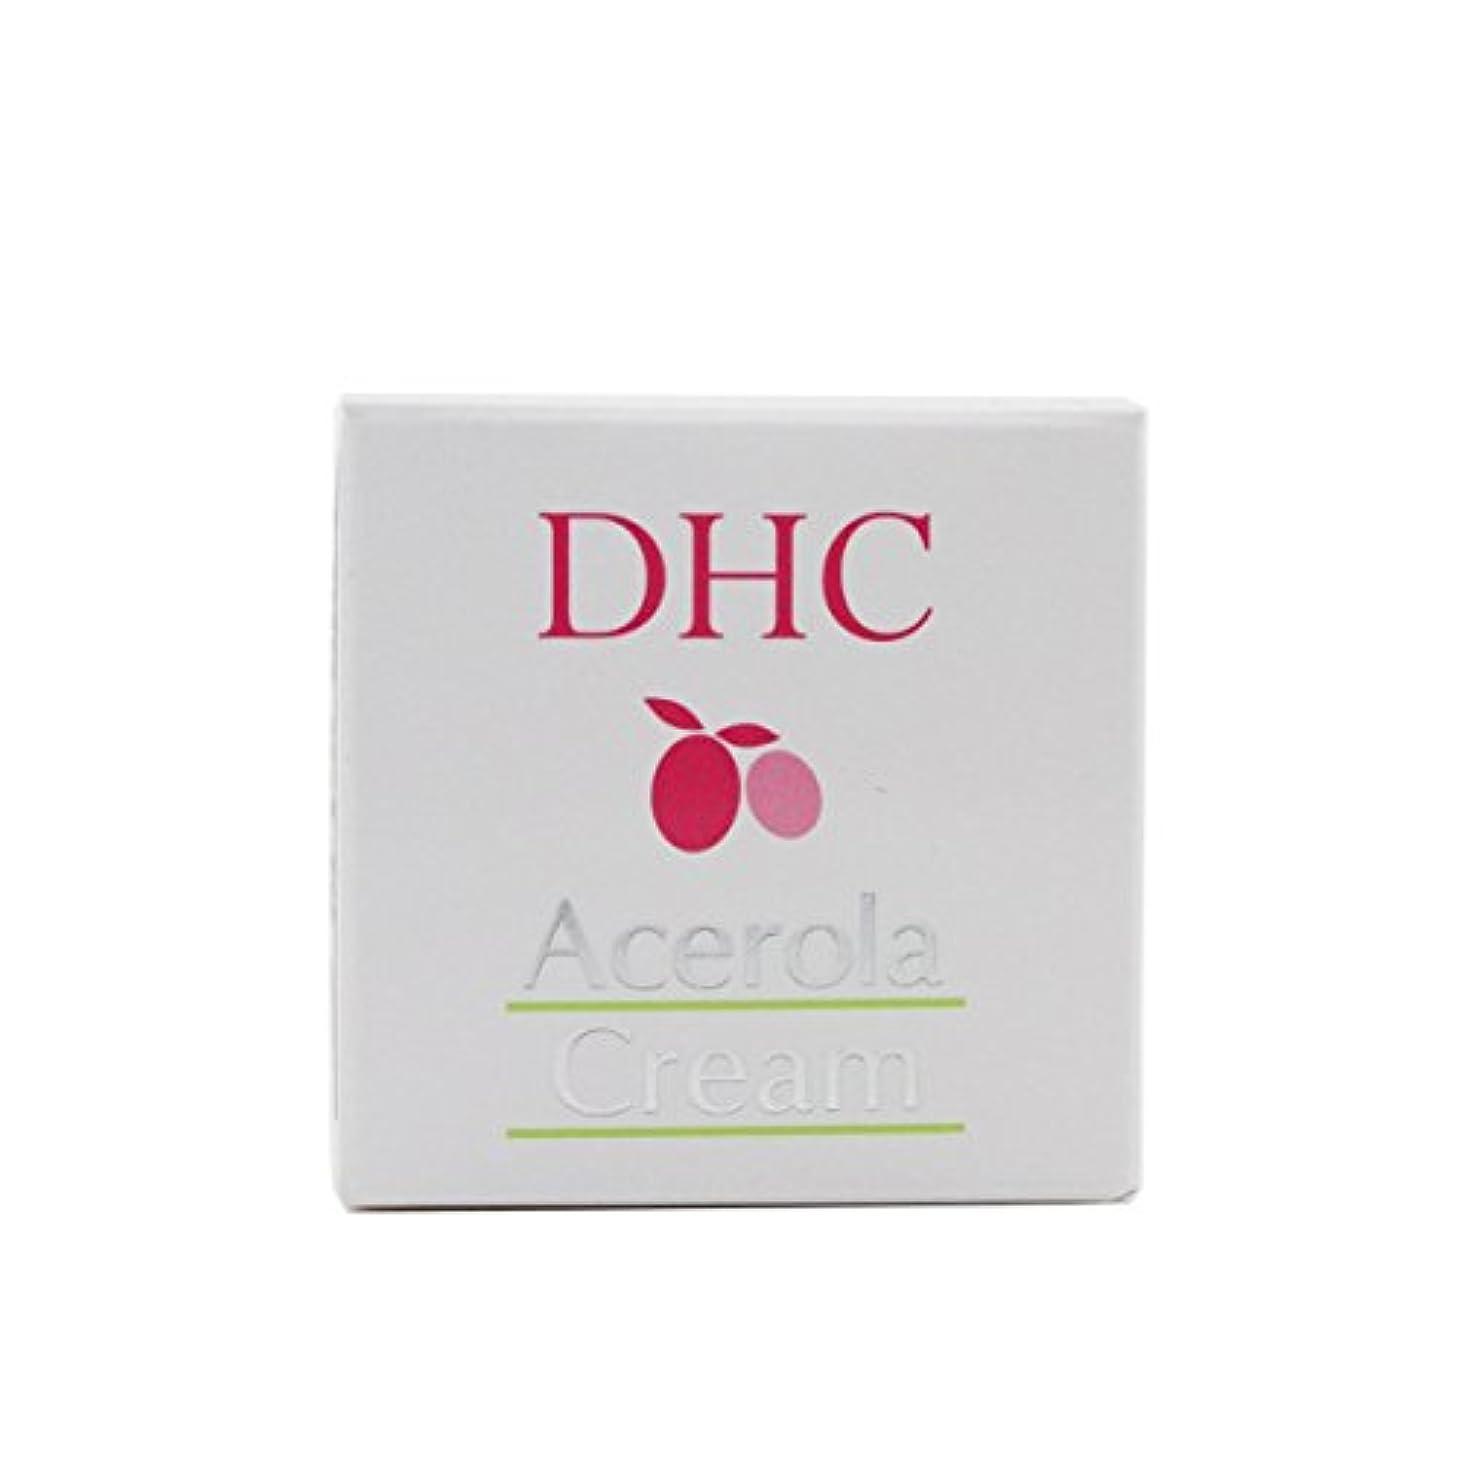 古風な失礼なあらゆる種類のDHC アセローラクリーム